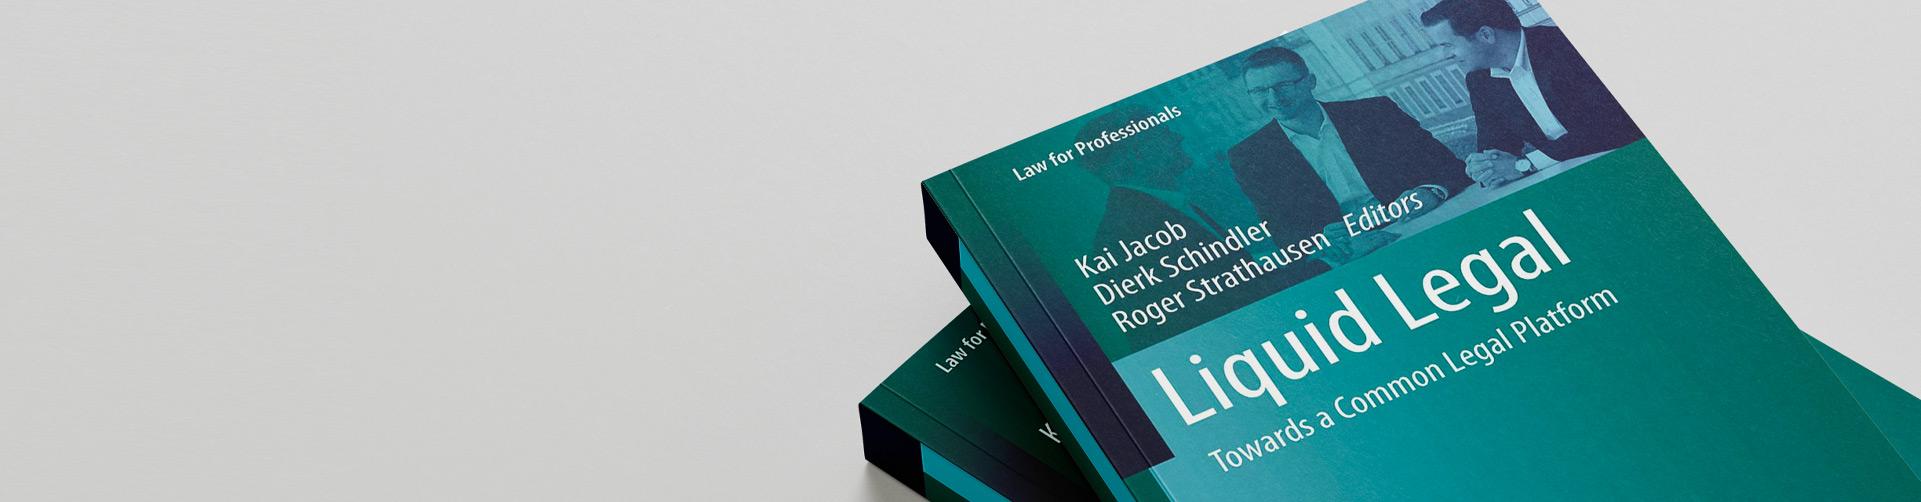 Book Liquid Legal